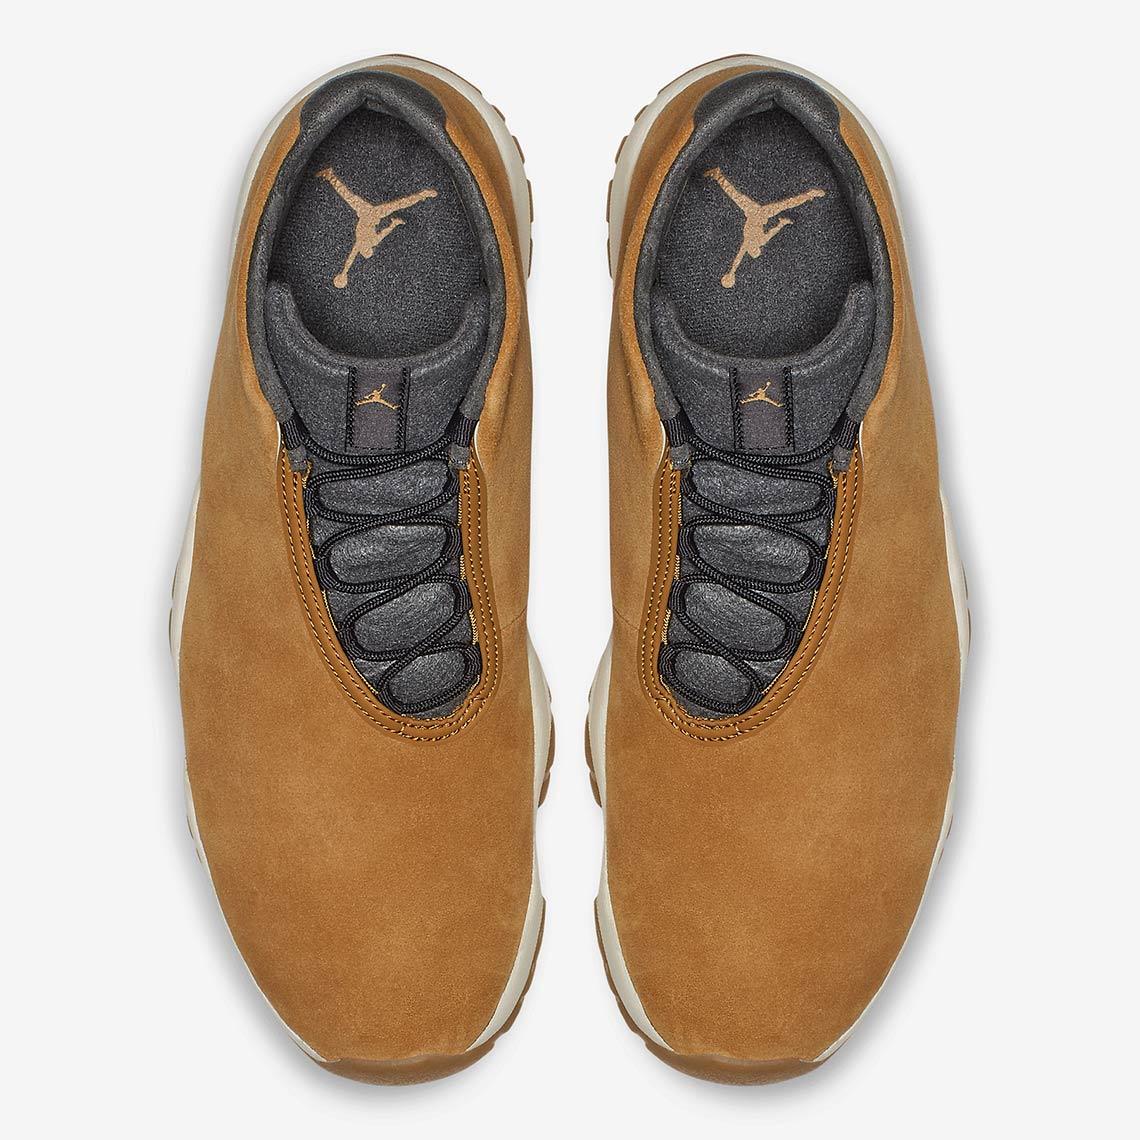 Jordan Future Wheat AV7008-700